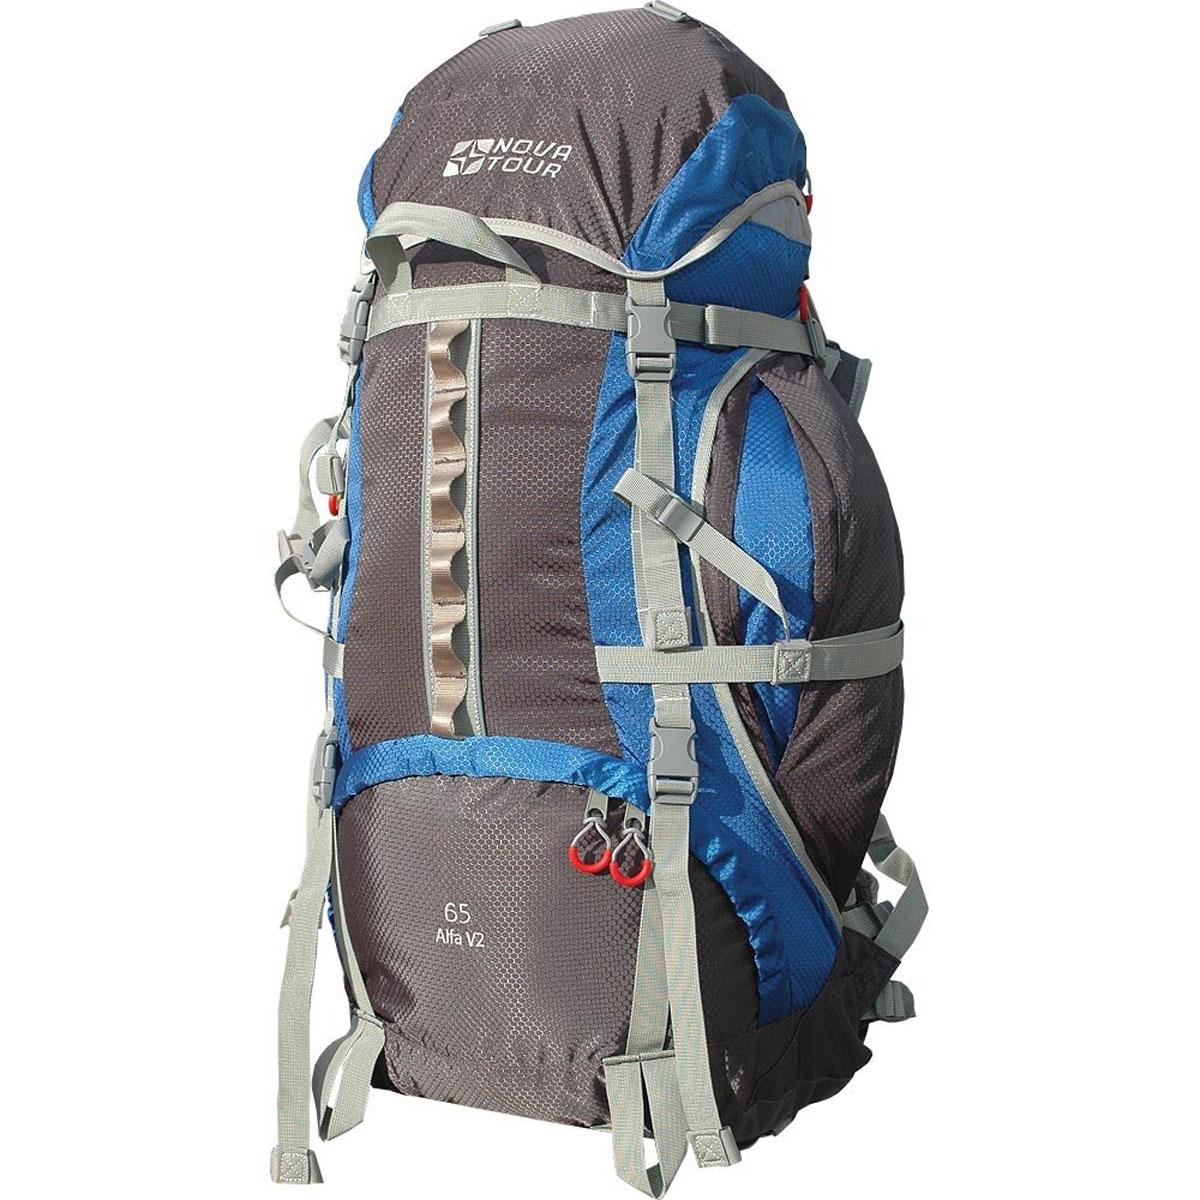 Рюкзак туристический Nova Tour Альфа 65 V2, цвет: серый, синий. 95311-463-0095311-463-00Если вам нравится прыгать с камня на камень или двигаться по узкой горной тропе - этот рюкзак с усиленными стропами специально для вас. Ваша спина будет благодарна за правильно распределяющую вес на плечи и пояс и уменьшающую нагрузку на позвоночник подвесную систему. Теперь доступ к нужным в дневном переходе вещам стал проще благодаря двум вместительным боковым карманам. Если их мало, то на дне рюкзака имеется удобное крепление для габаритных вещей (палатки). Для большего удобства крепления горного инвентаря разработана новая система навески. Если нужно что-то достать со дна рюкзака воспользуйтесь удобным нижним входом. В горах погода переменчива, может внезапно пойти дождь, но вещи всегда будут оставаться сухими, с идущим в комплекте гермочехлом в потайном кармане, на дне рюкзака. На концах боковых стяжек имеются липучки для закрепления излишков стропы.Особенности:Подвеска: ABS V2;Ткань: Poly Oxford 600D PU RipStop;Защитный чехол;Узлы крепления горного снаряжения;Грудная стяжка;Фурнитура Nifco;Светоотражающий кант;Закрепка;Объем: 65 литров.